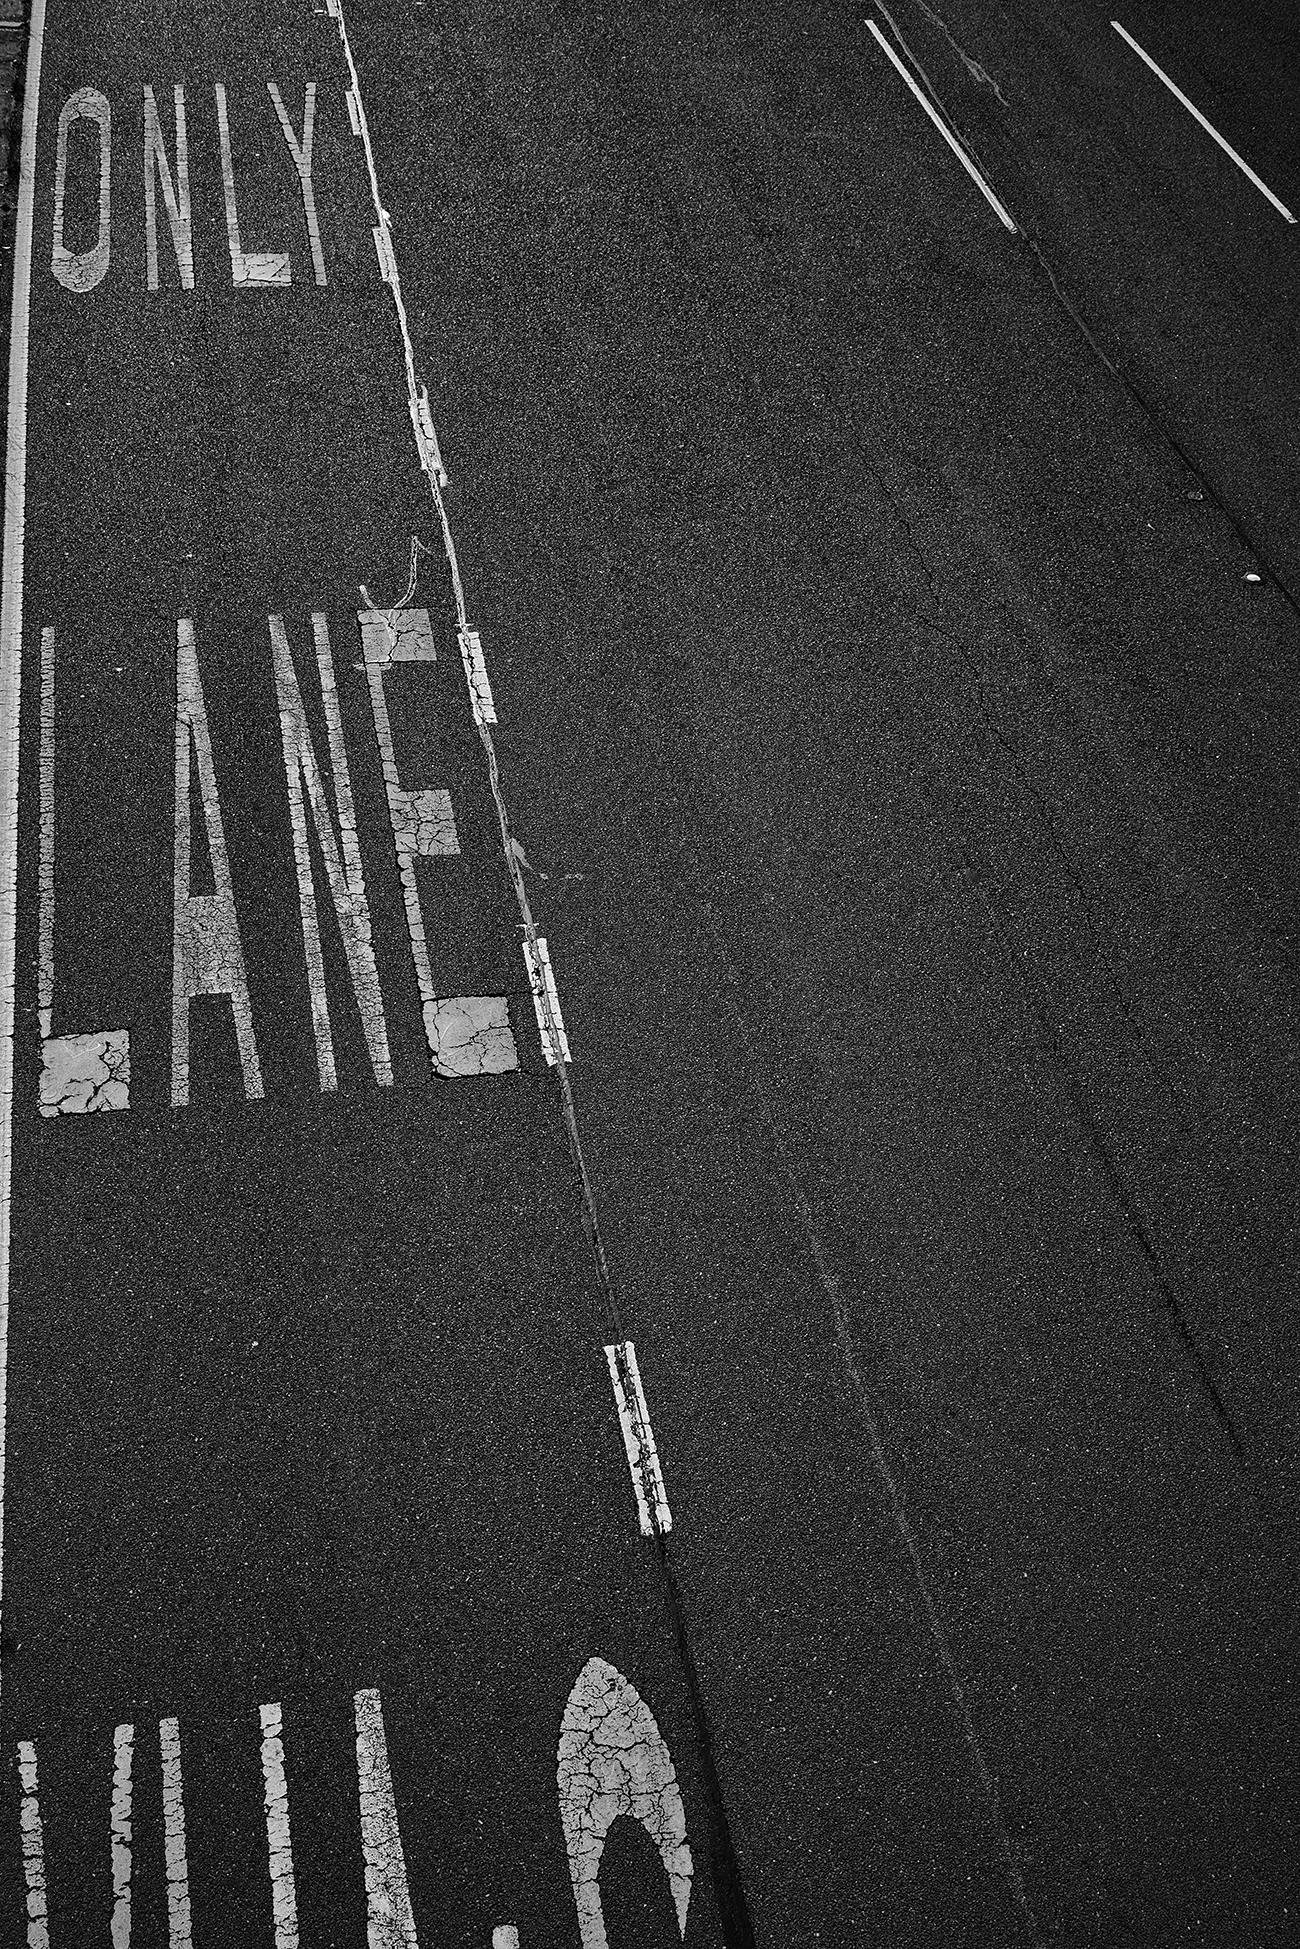 Motorway lane